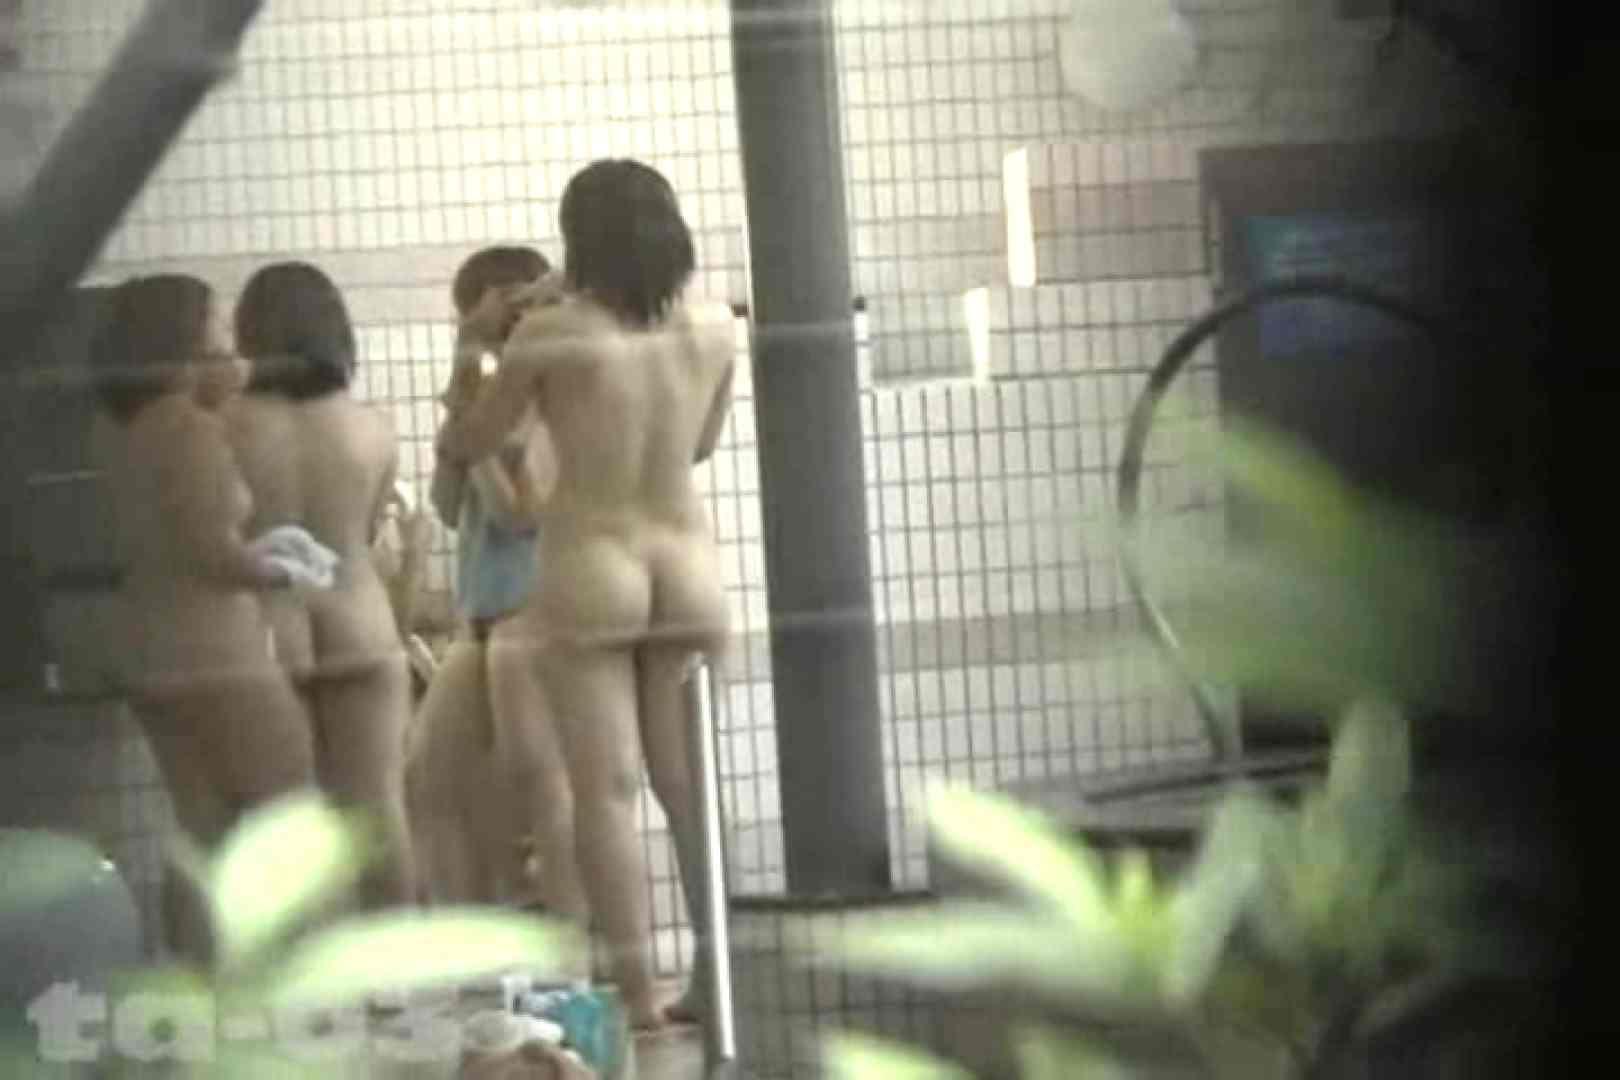 合宿ホテル女風呂盗撮高画質版 Vol.03 ホテルでエッチ 覗きスケベ動画紹介 49pic 28